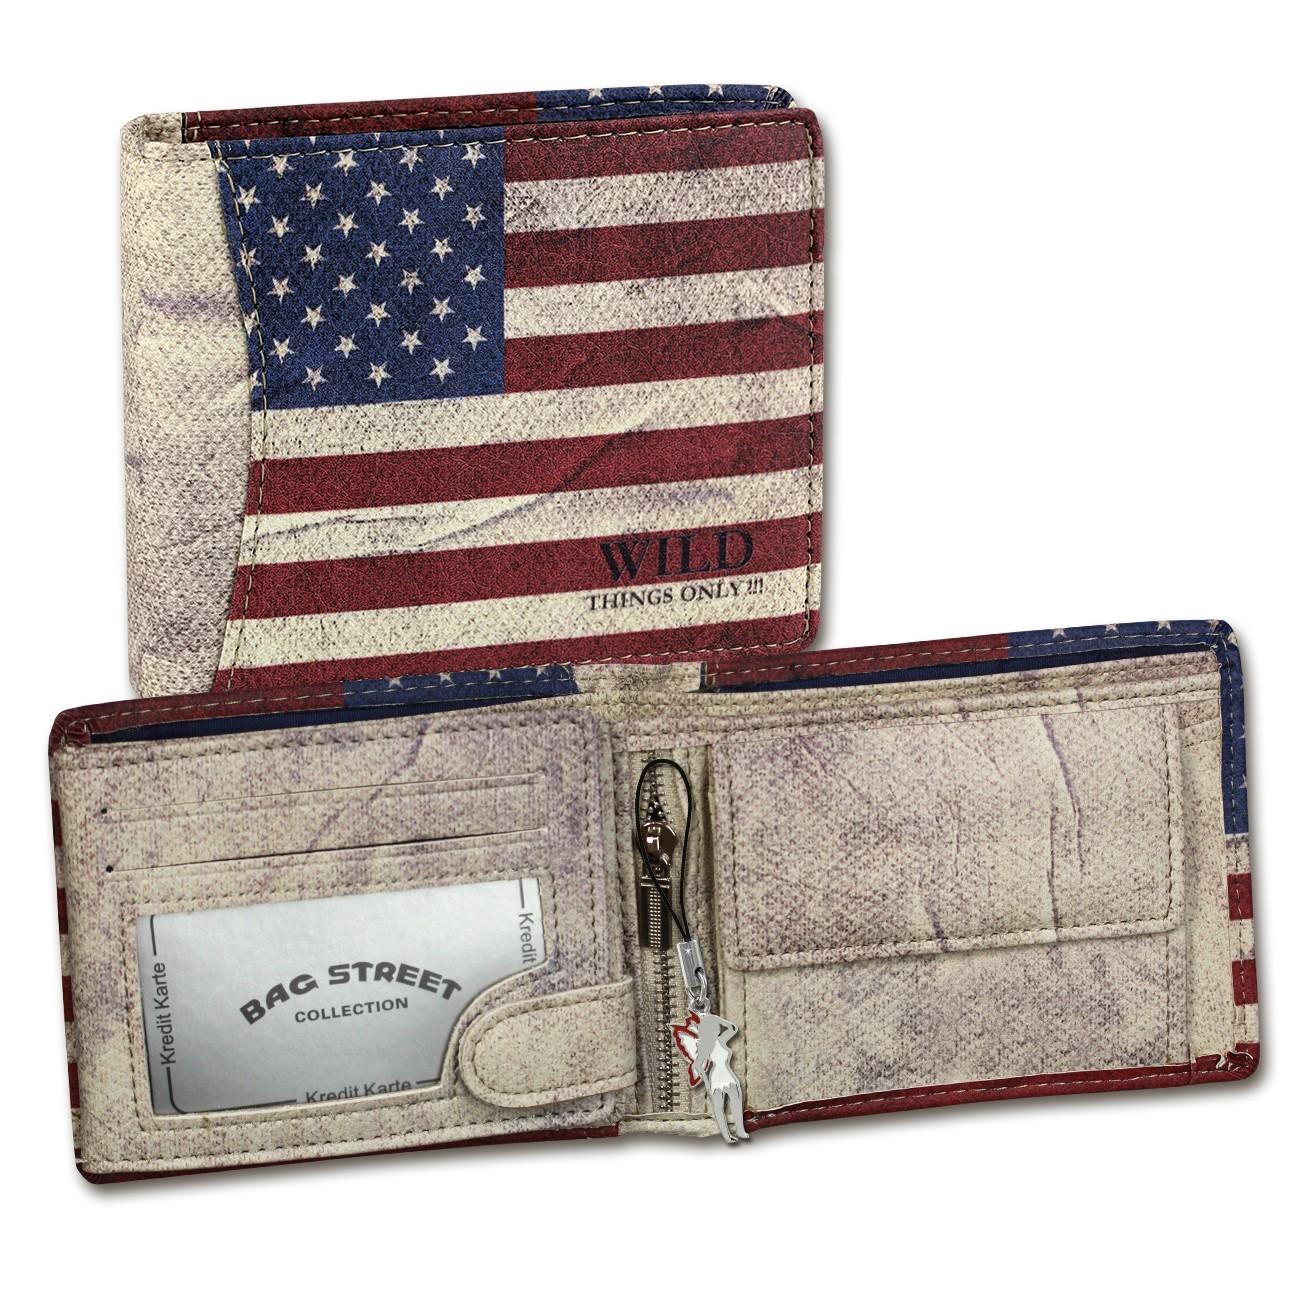 Geldbörse Kunstleder mehrfarbig Portemonnaie USA Wild Things Only OPJ118F